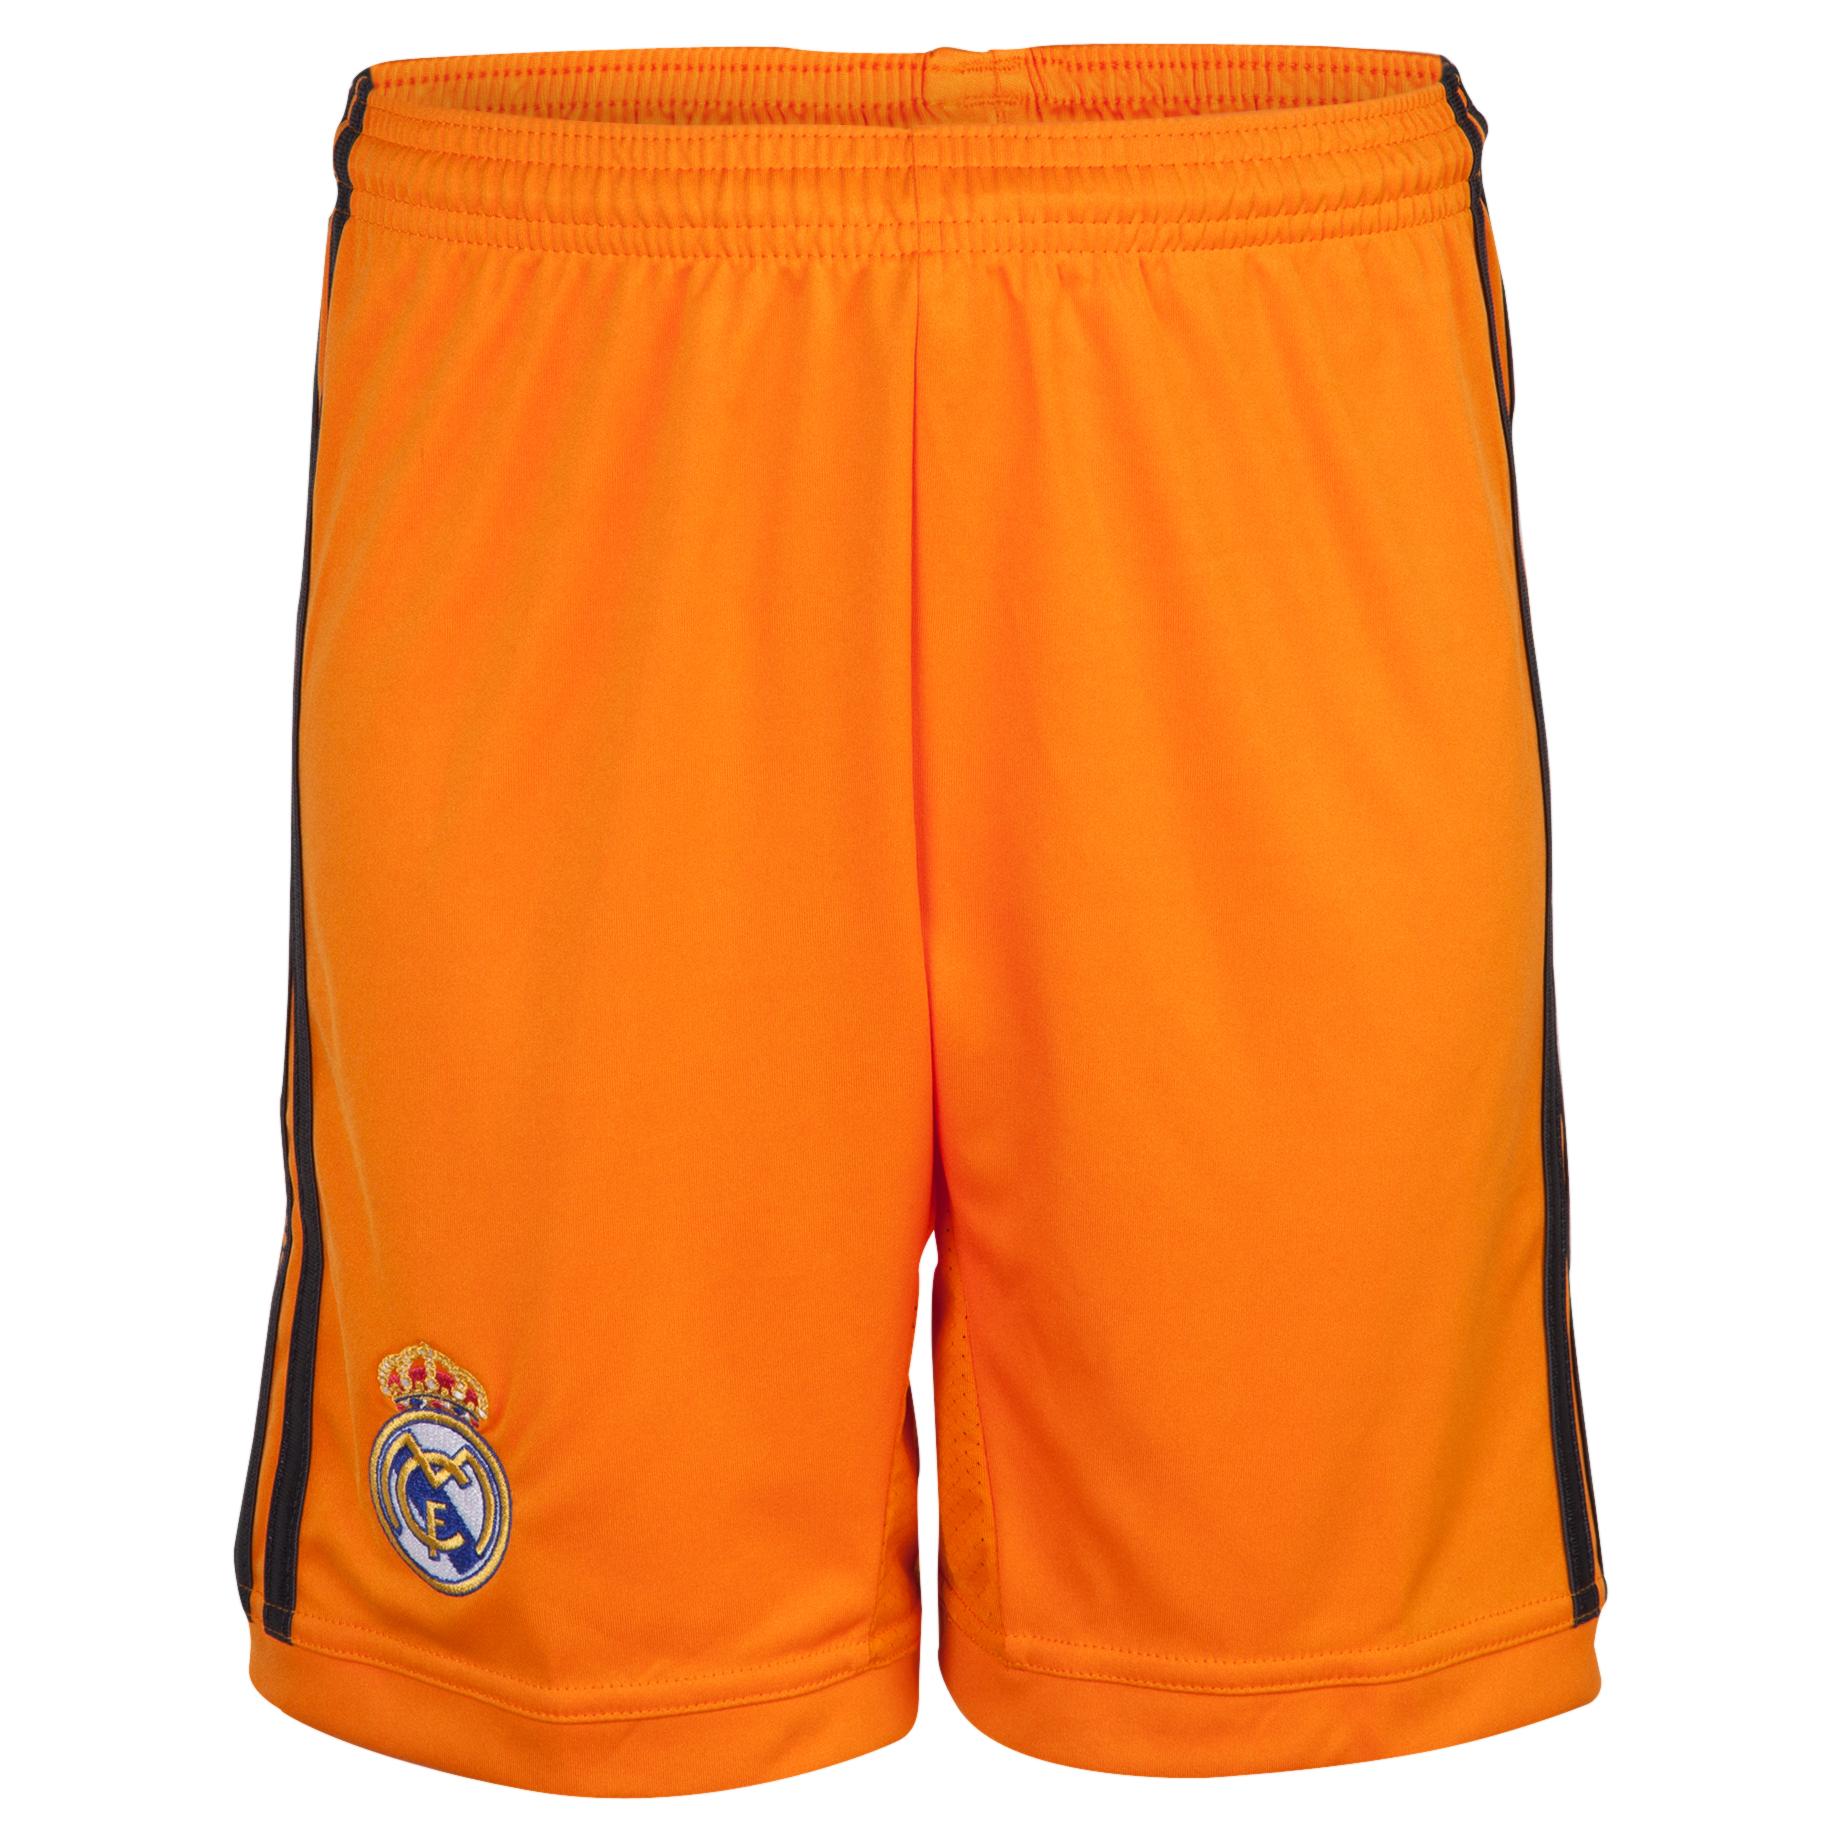 Real Madrid Third Shorts 2013/14